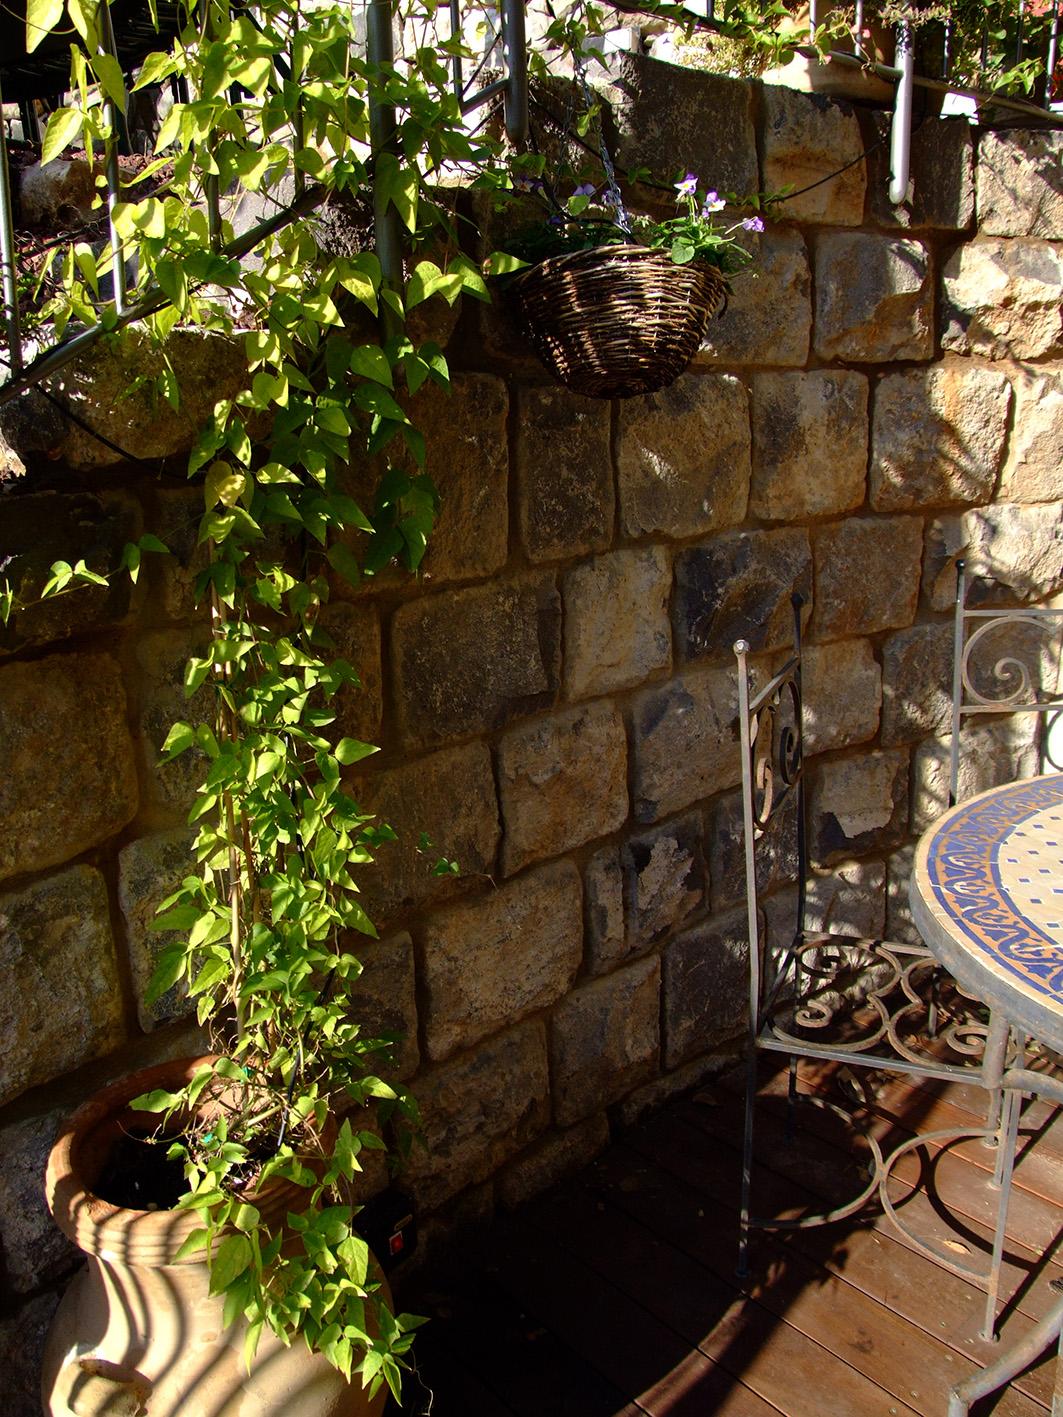 רצפת עץ במפגש עם קיר אבן